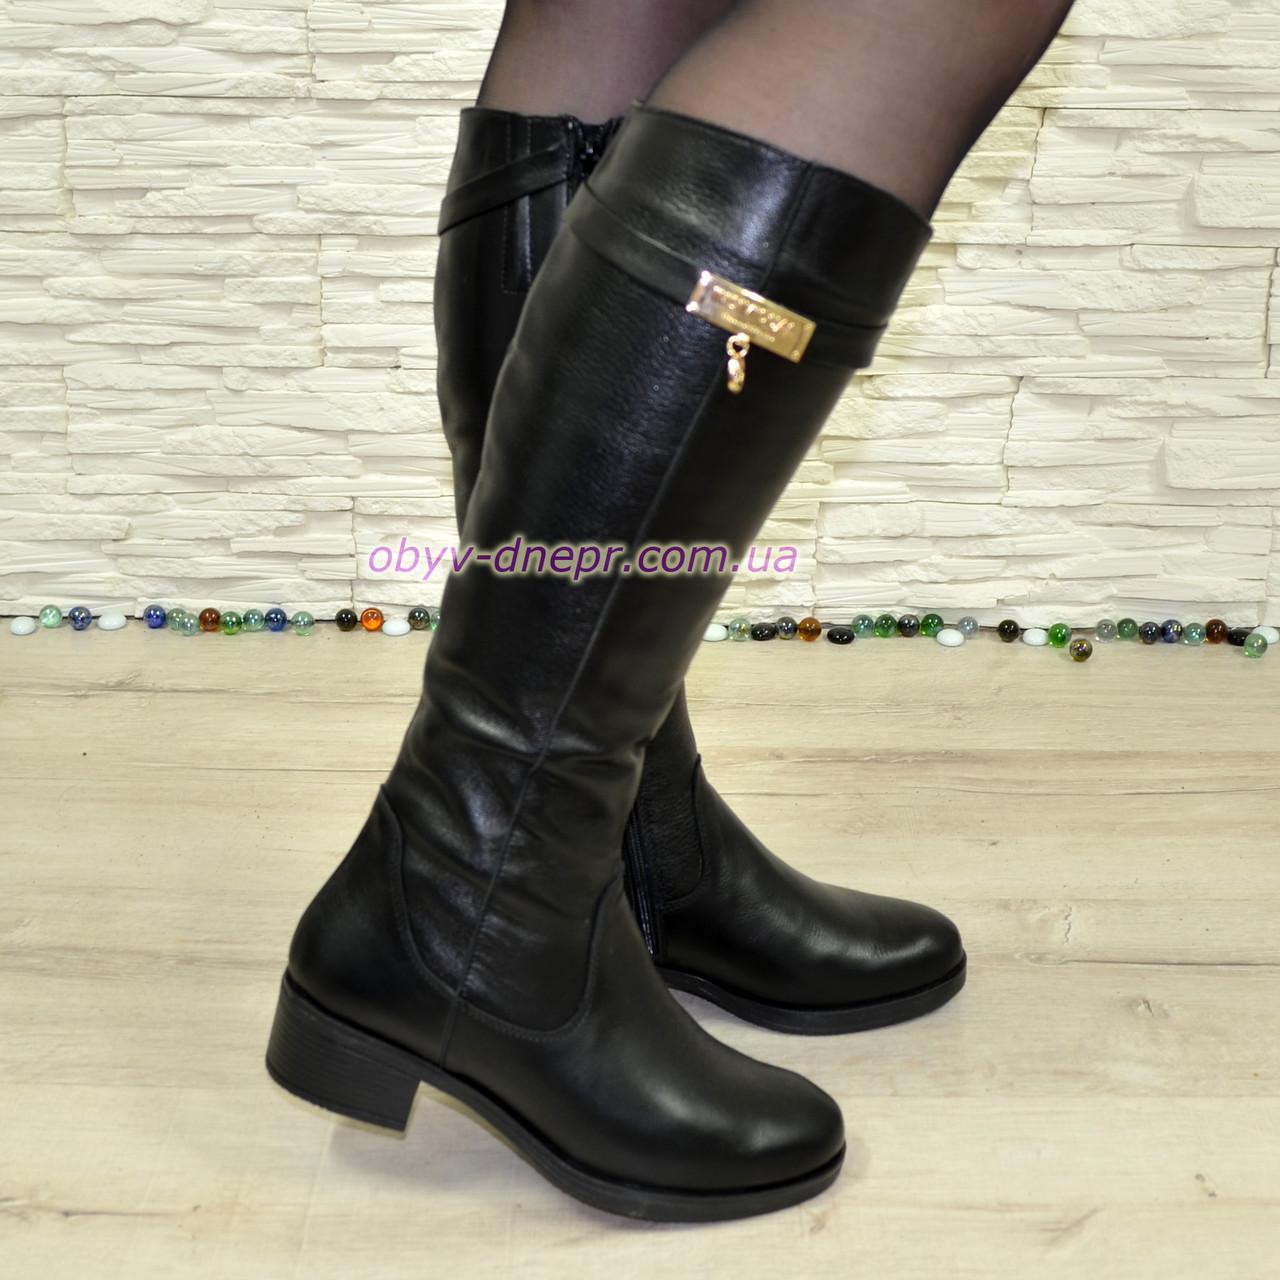 Сапоги женские демисезонные на невысоком каблуке, натуральная кожа флотар.